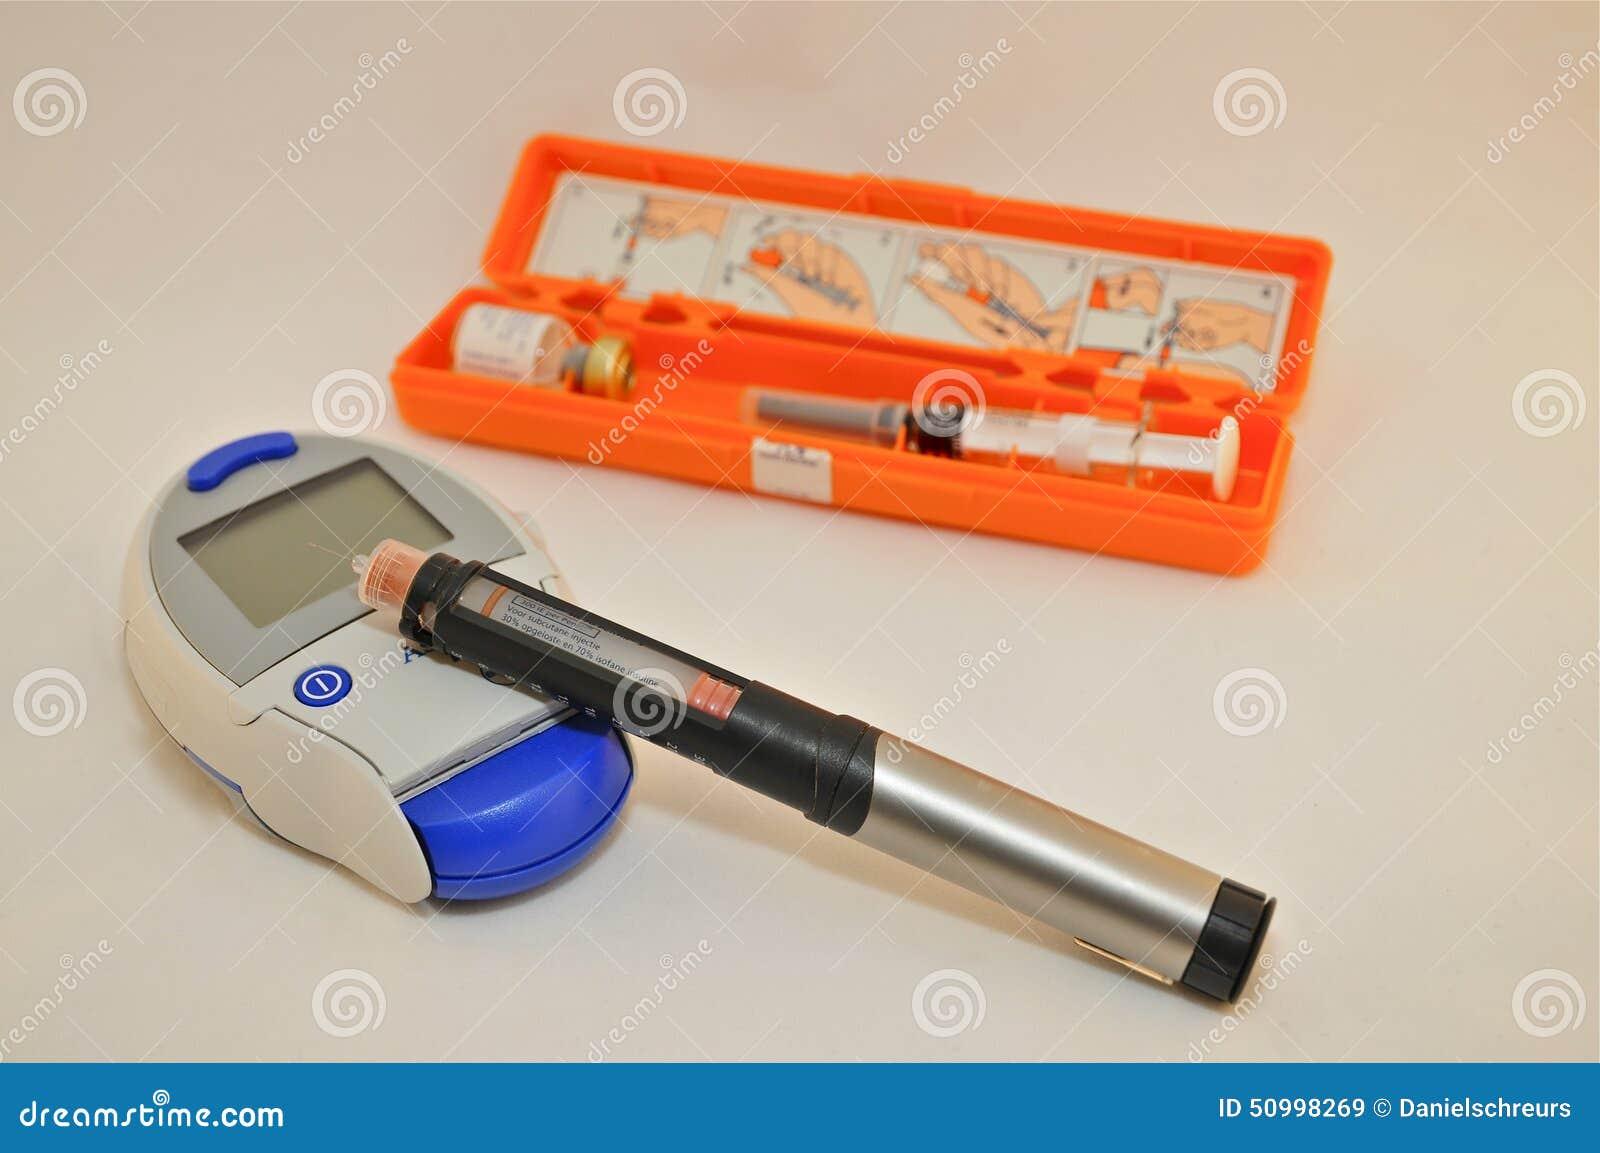 insulin weight loss pen